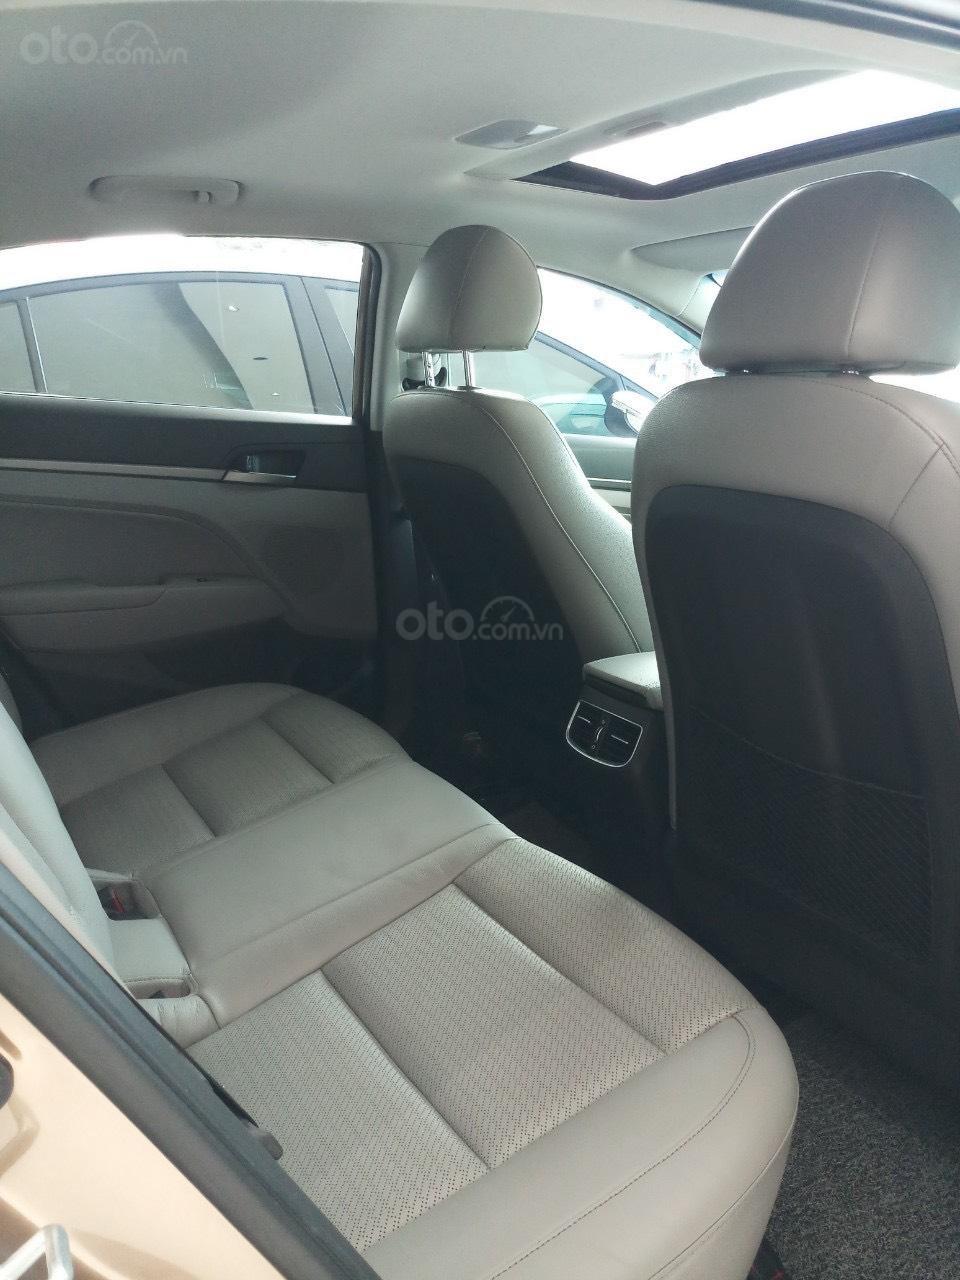 Cần bán Hyundai Elantra 2.0 AT vàng cát 2017 đẹp nguyên bản như mới (9)